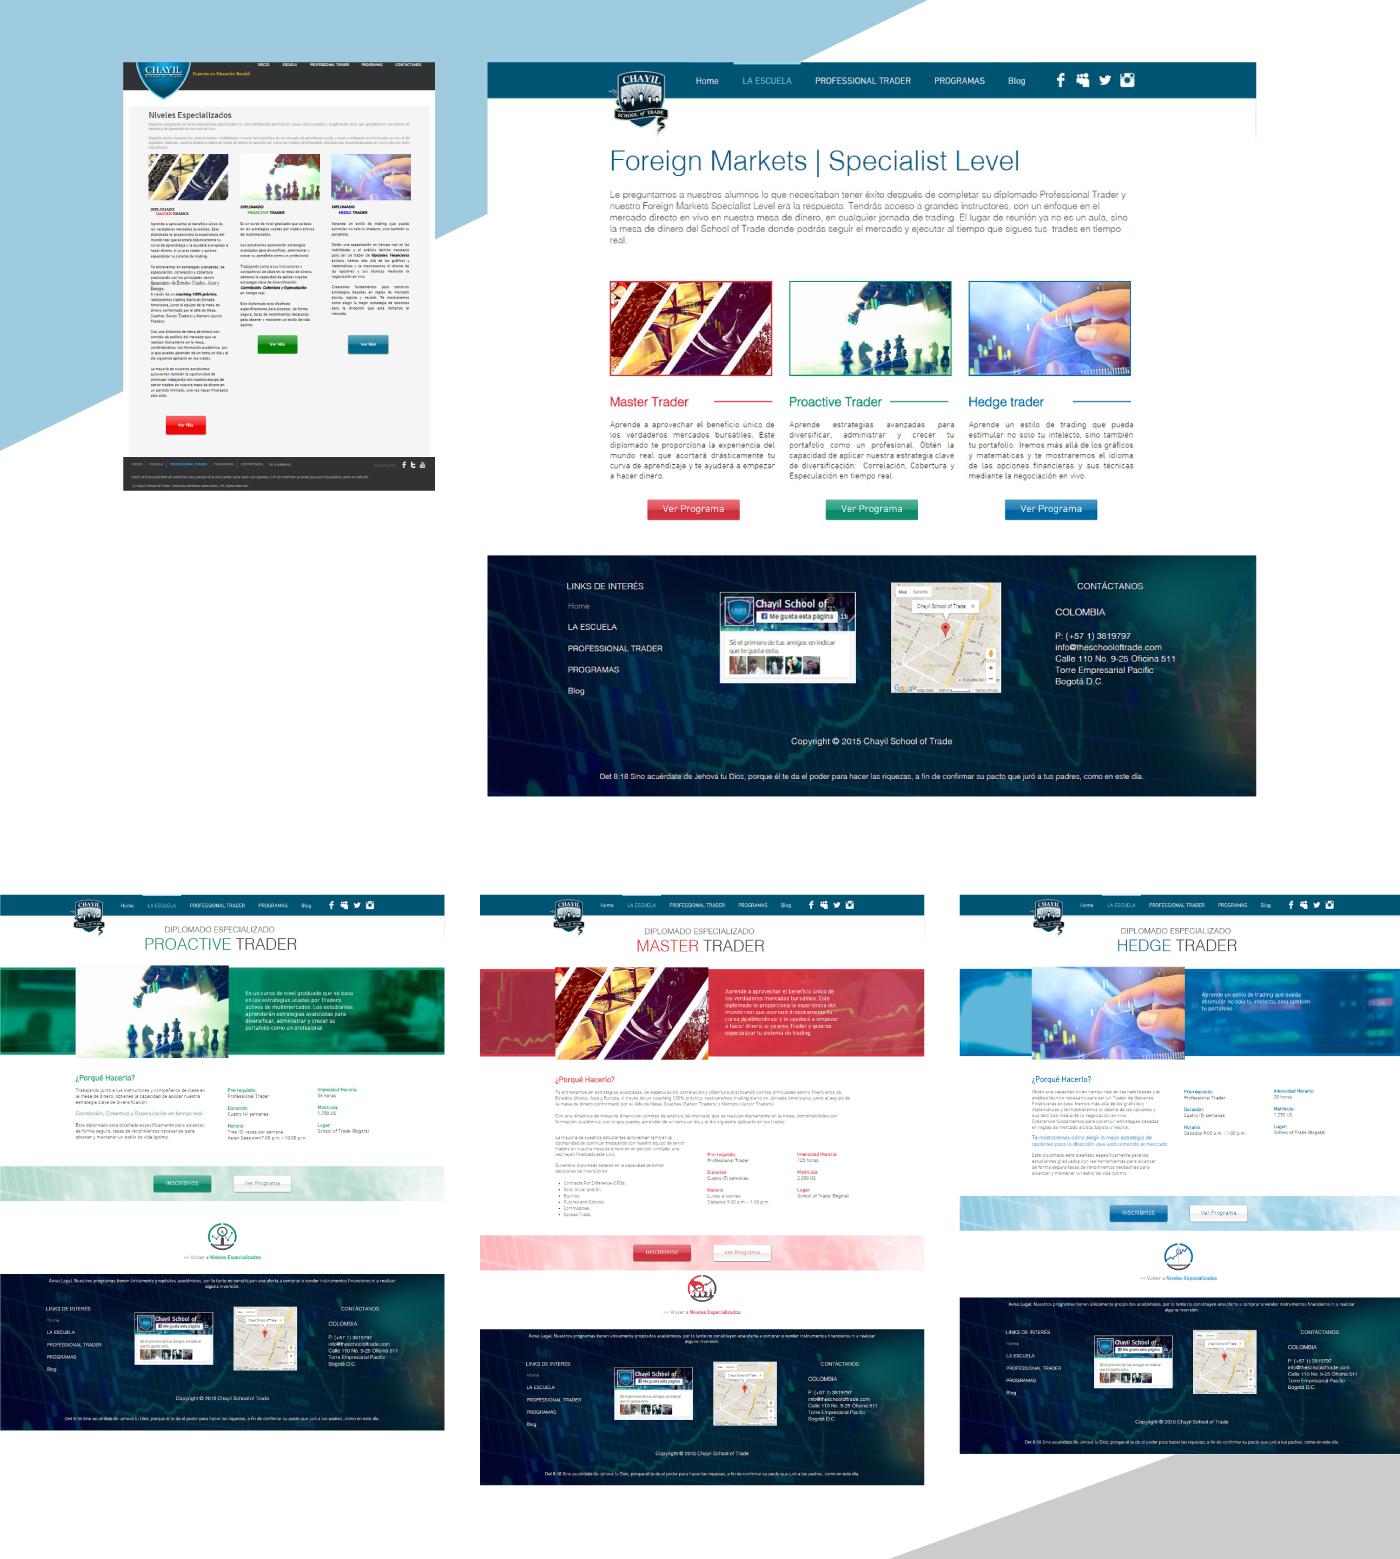 rediseño web actualizacion de marca edgar gutierrez g3k g3kdigital colombia